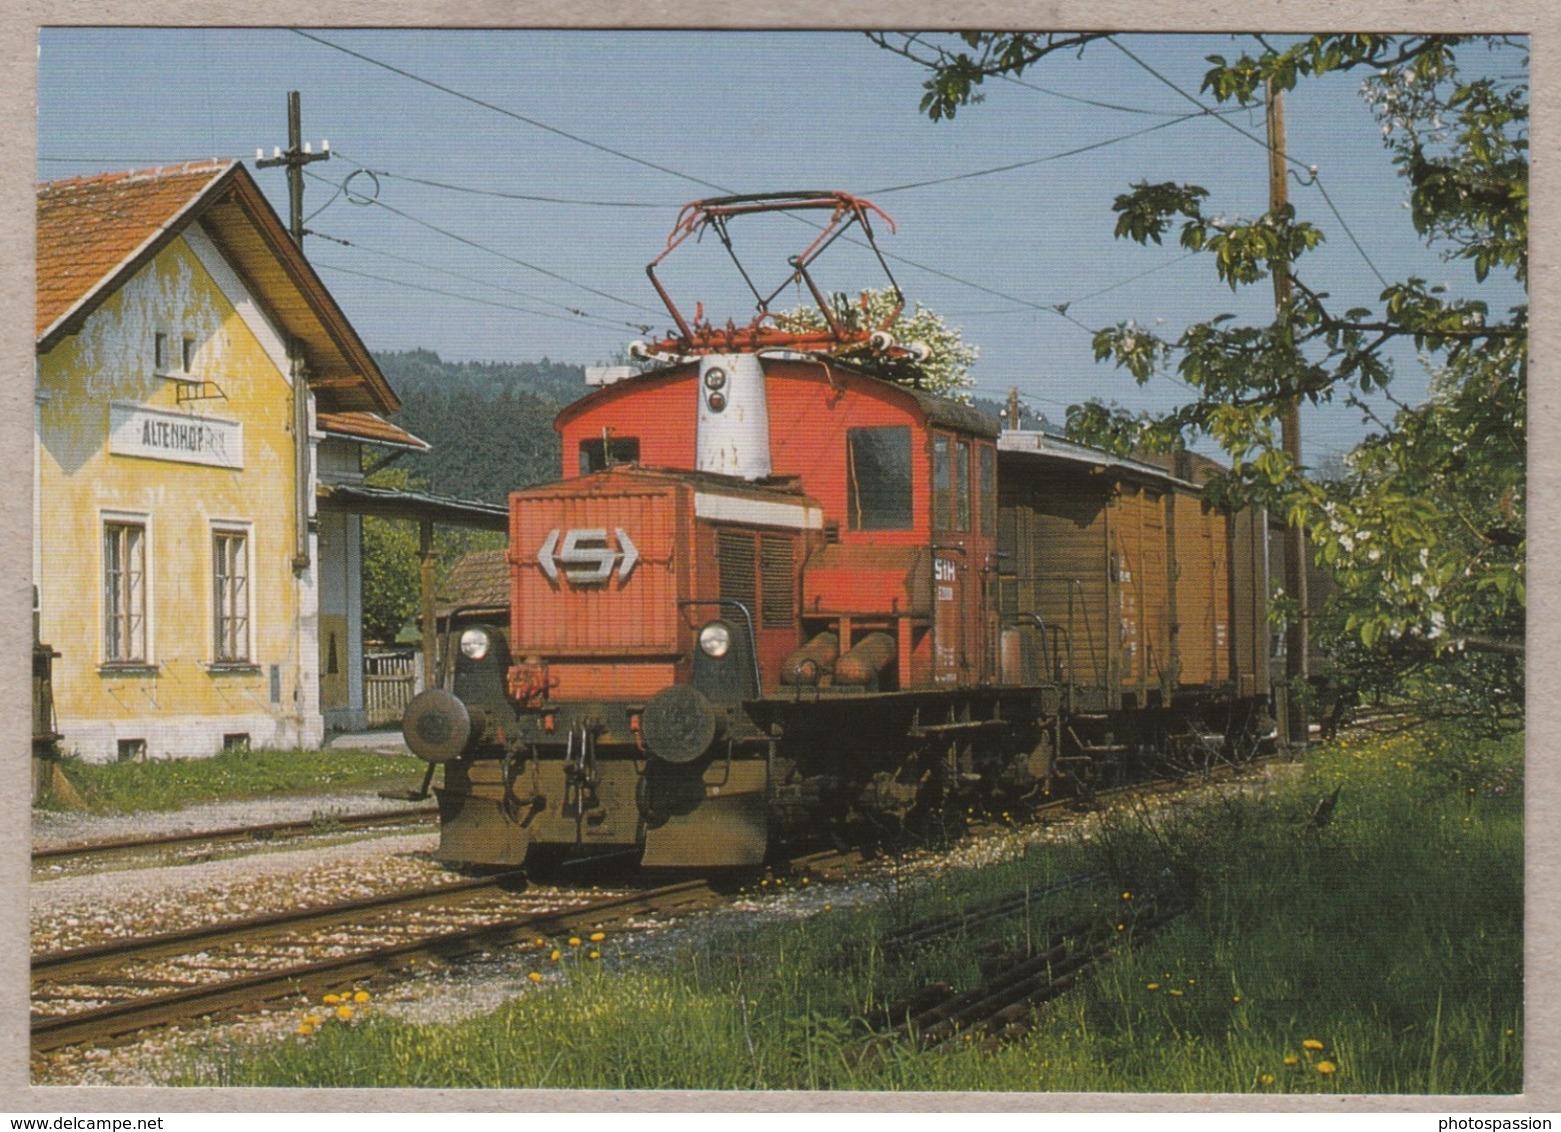 Zweikraft-Streckenlokomotive E 20 008 Der Lokalbahn Laubach - Haag Am 6.5.1986 Im Altenhof Am Hausruck - Railway - Trains